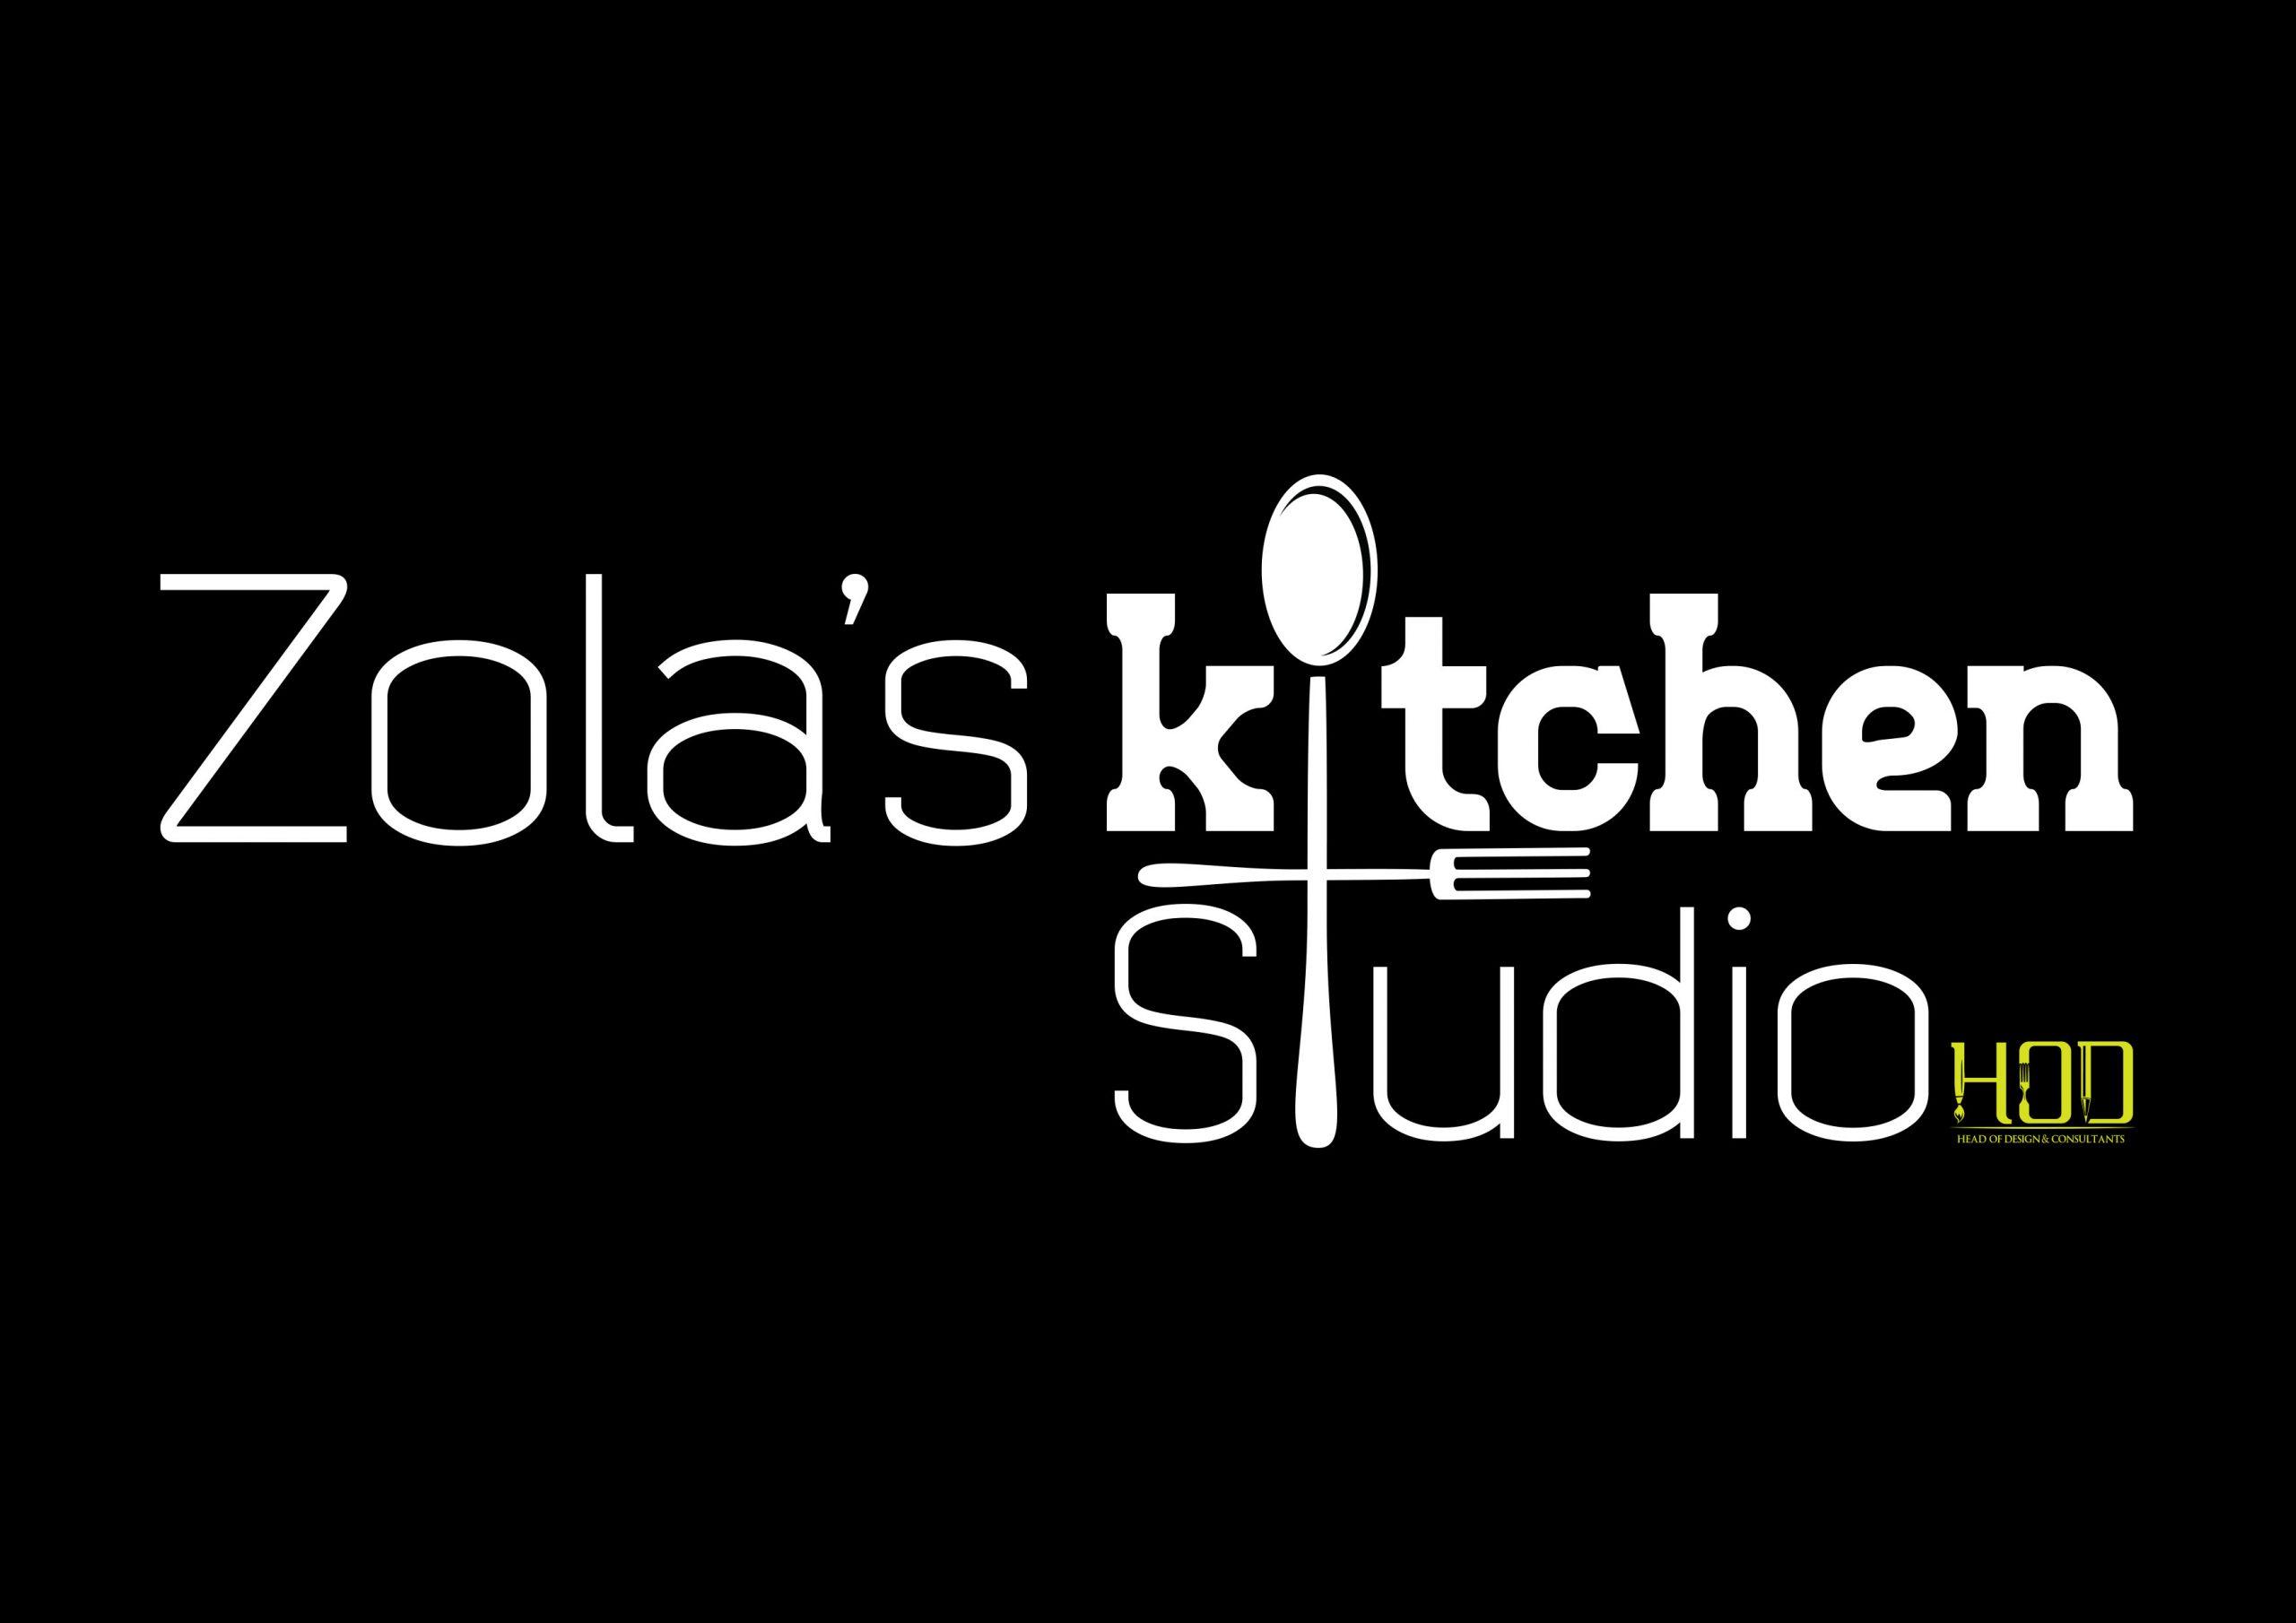 Zola's Kitchen Studio